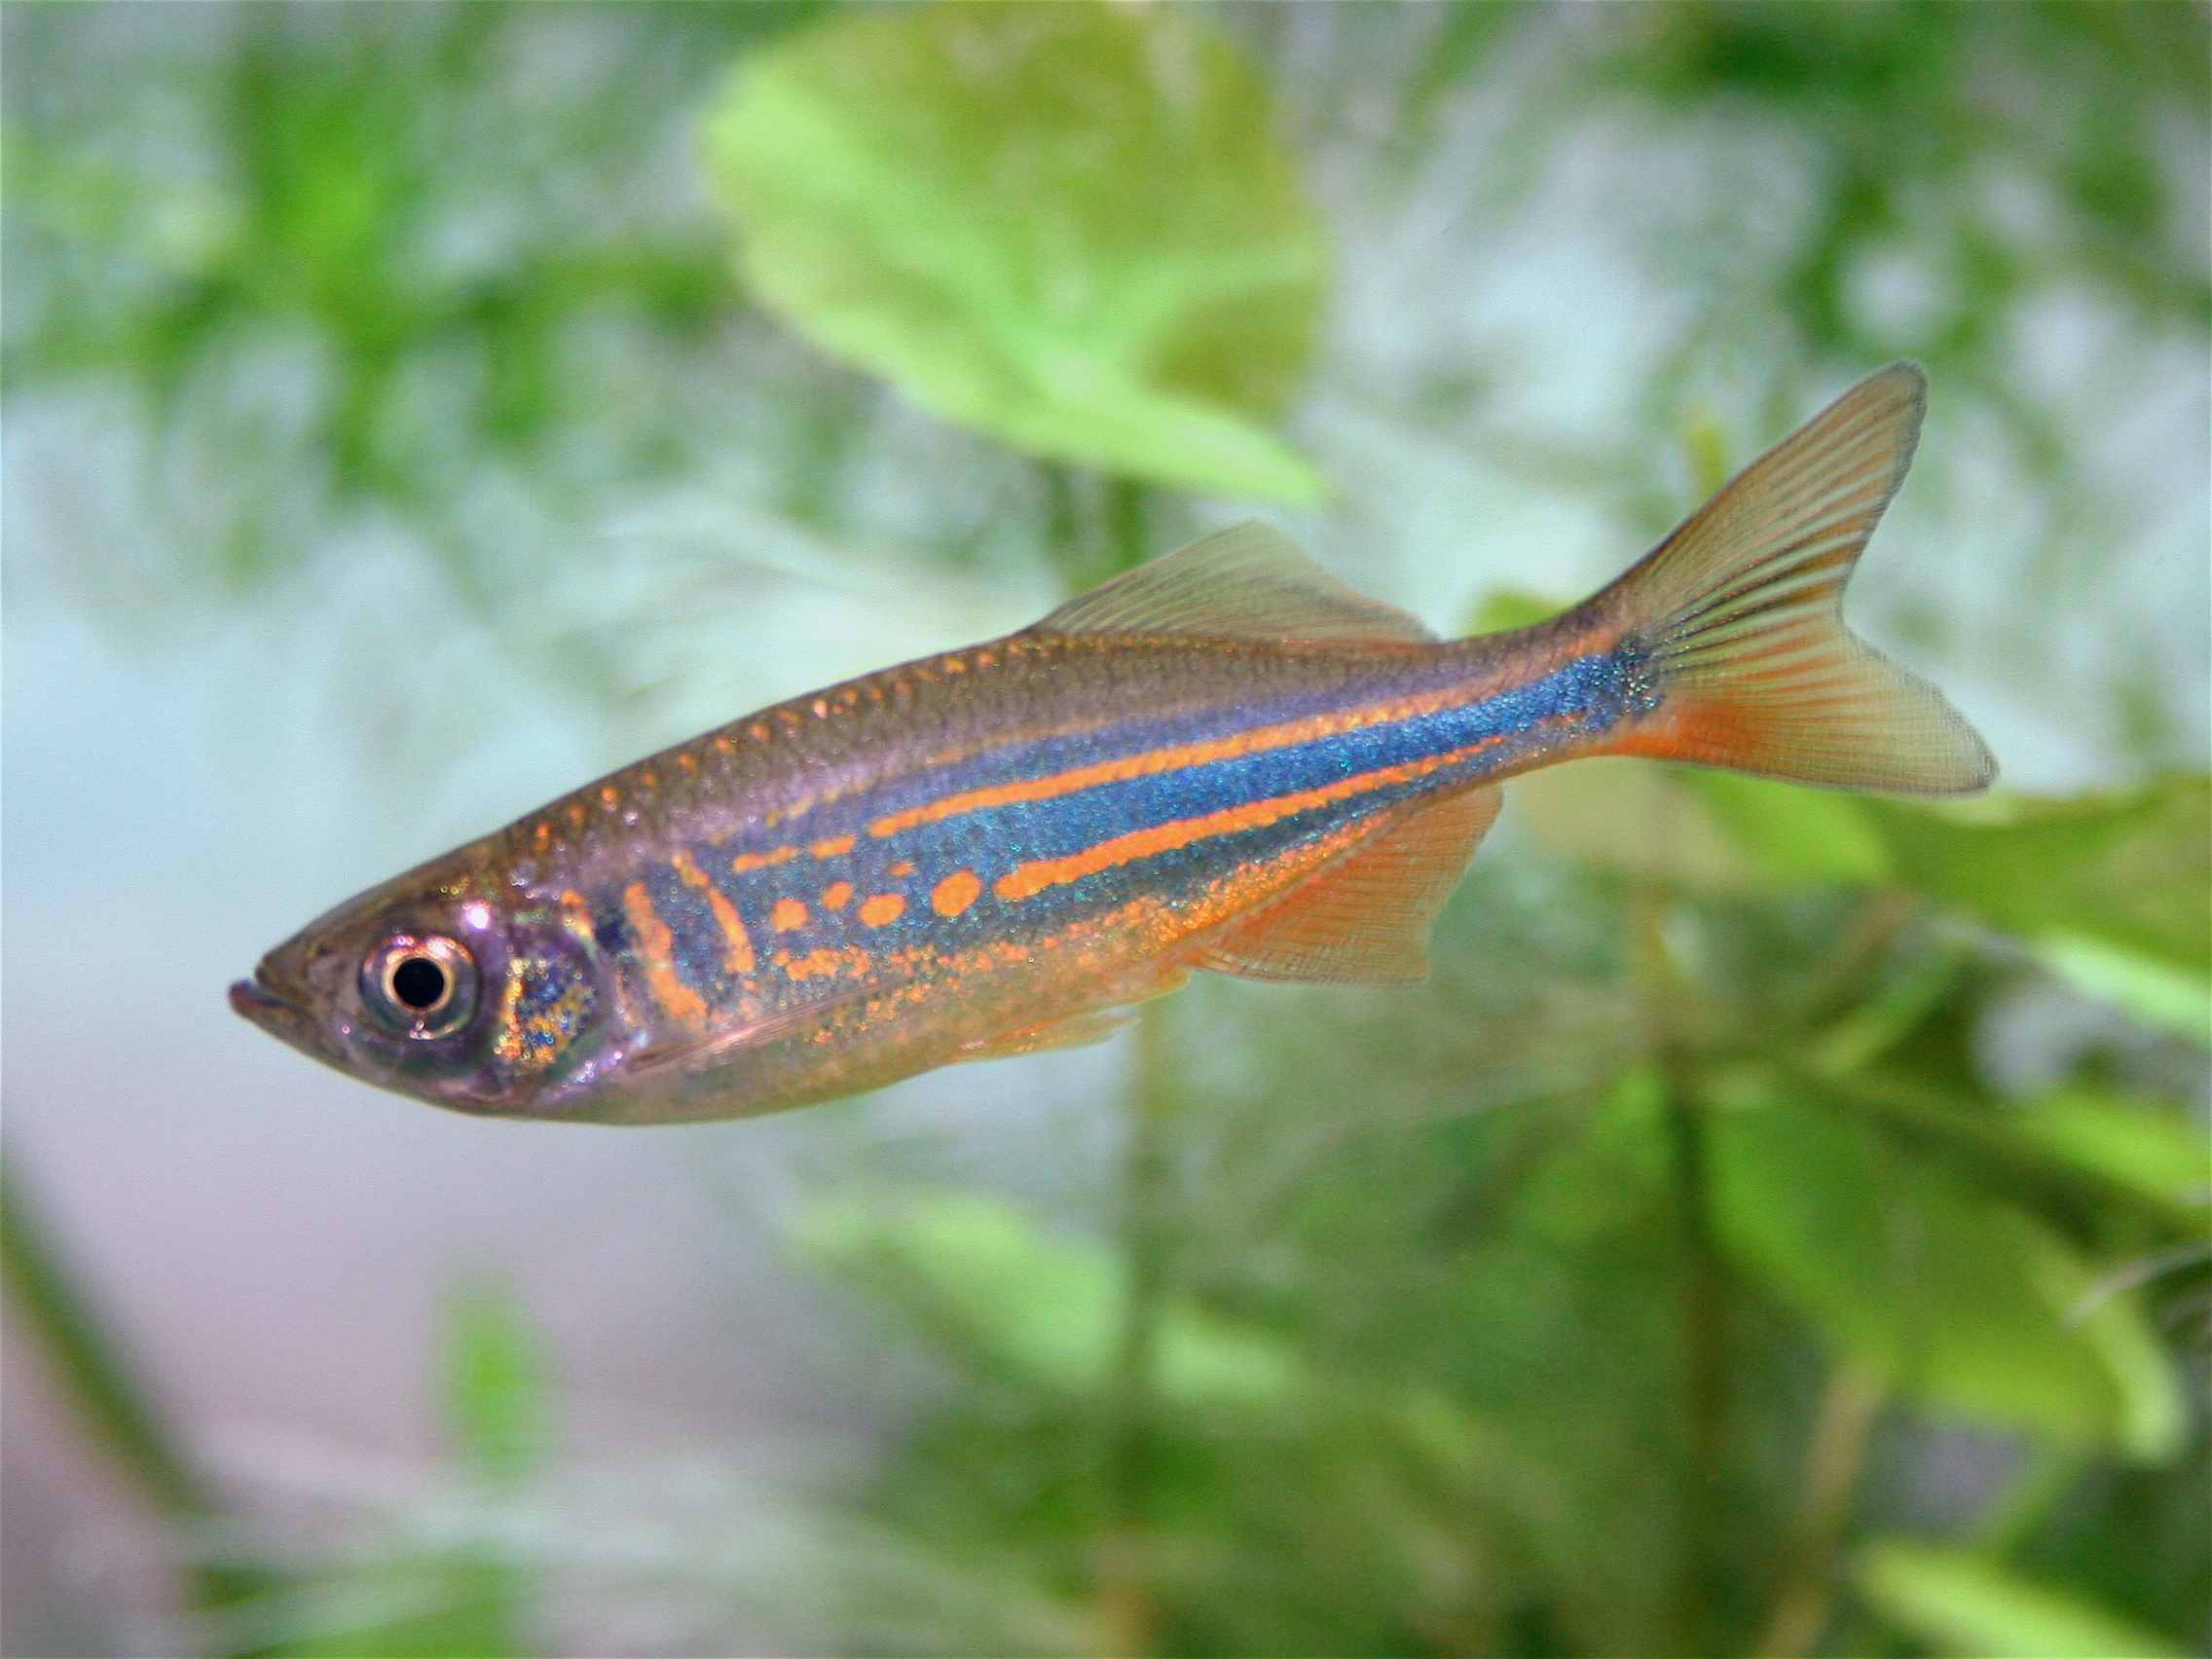 Choosing A Danio Species For Your Aquarium